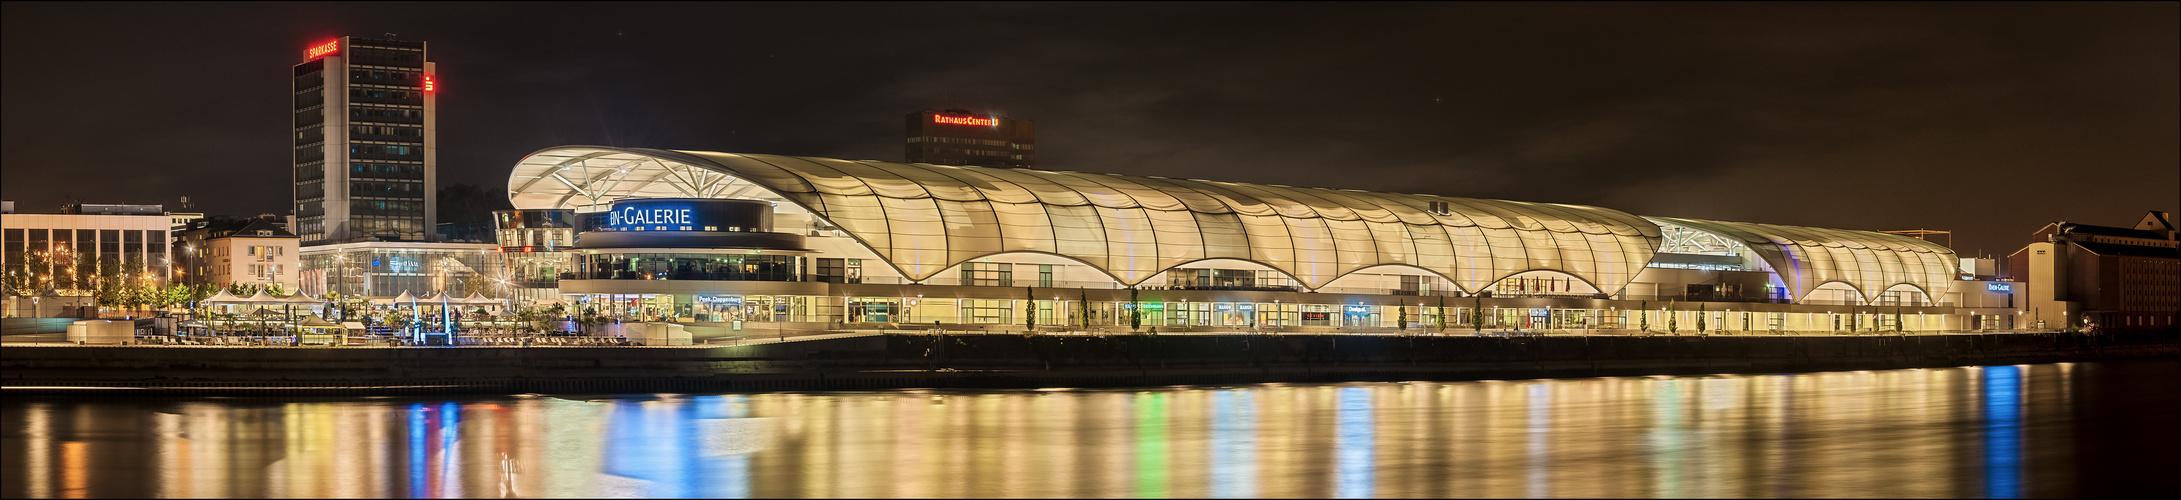 Rhein-Galerie Ludwigshafen DRI Panorama